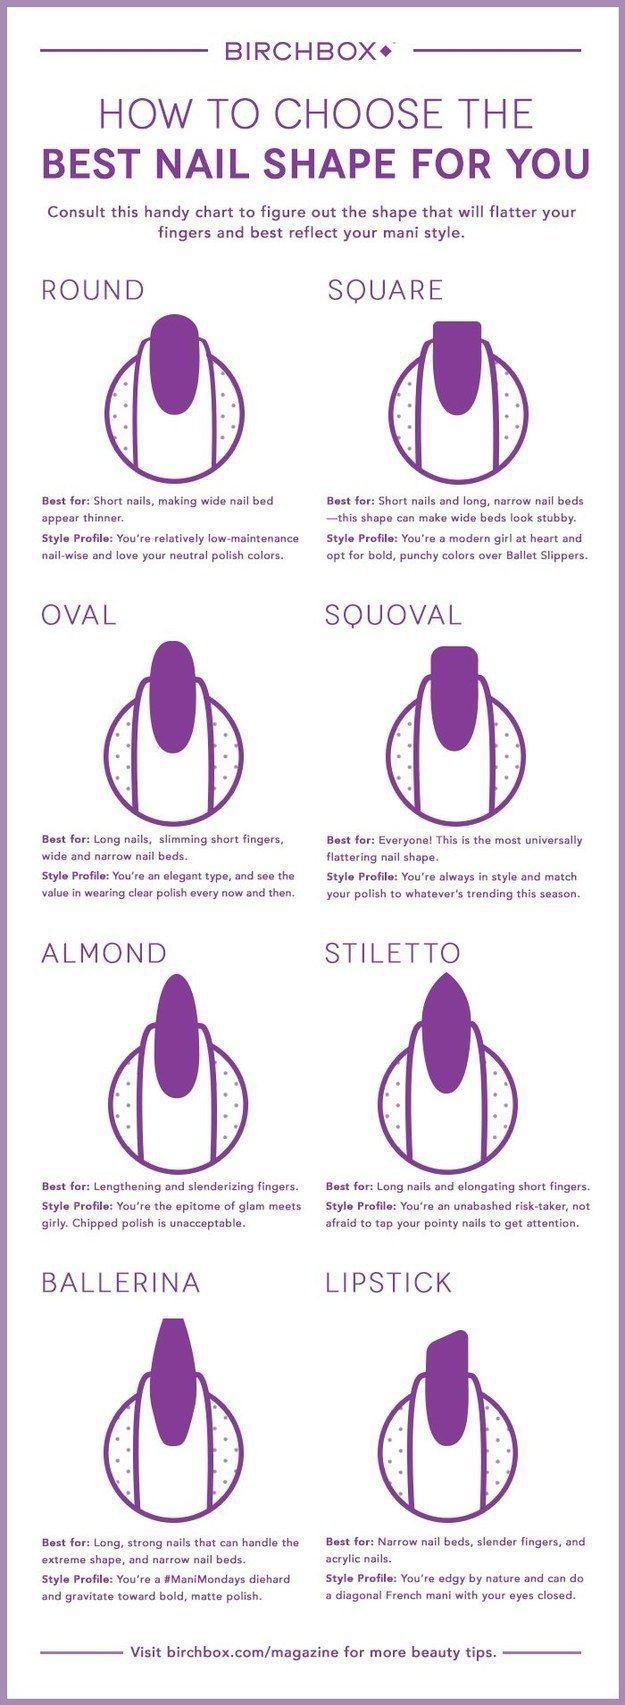 все виды форм ногтей